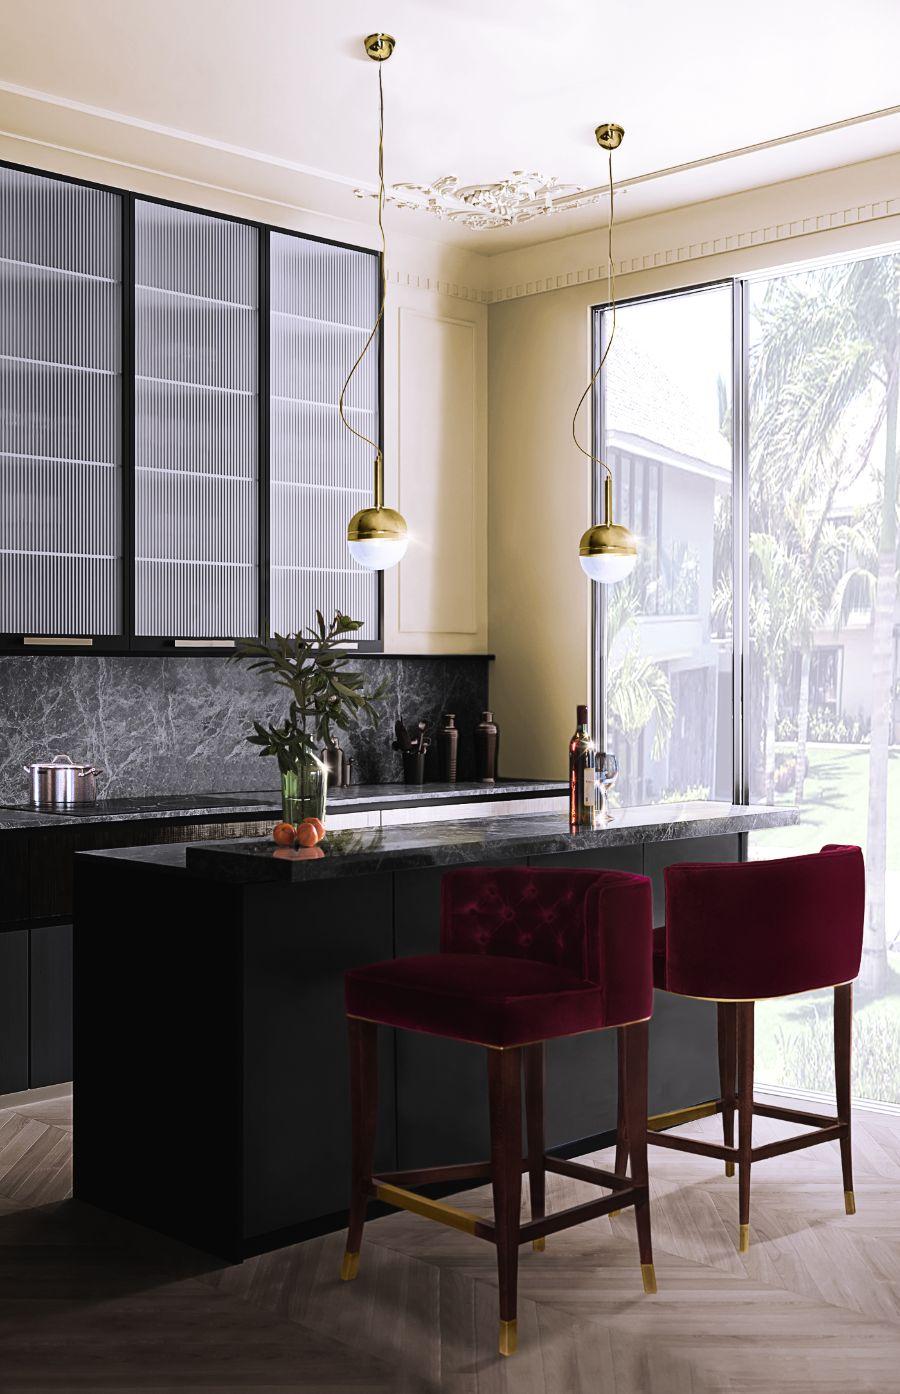 Modern Kitchen Design Ideas: Functional, Practical, Trendy & Timeless modern kitchen design ideas Modern Kitchen Design Ideas: Functional, Practical, Trendy & Timeless Modern Kitchen Design Ideas Functional Practical Trendy Timeless 3